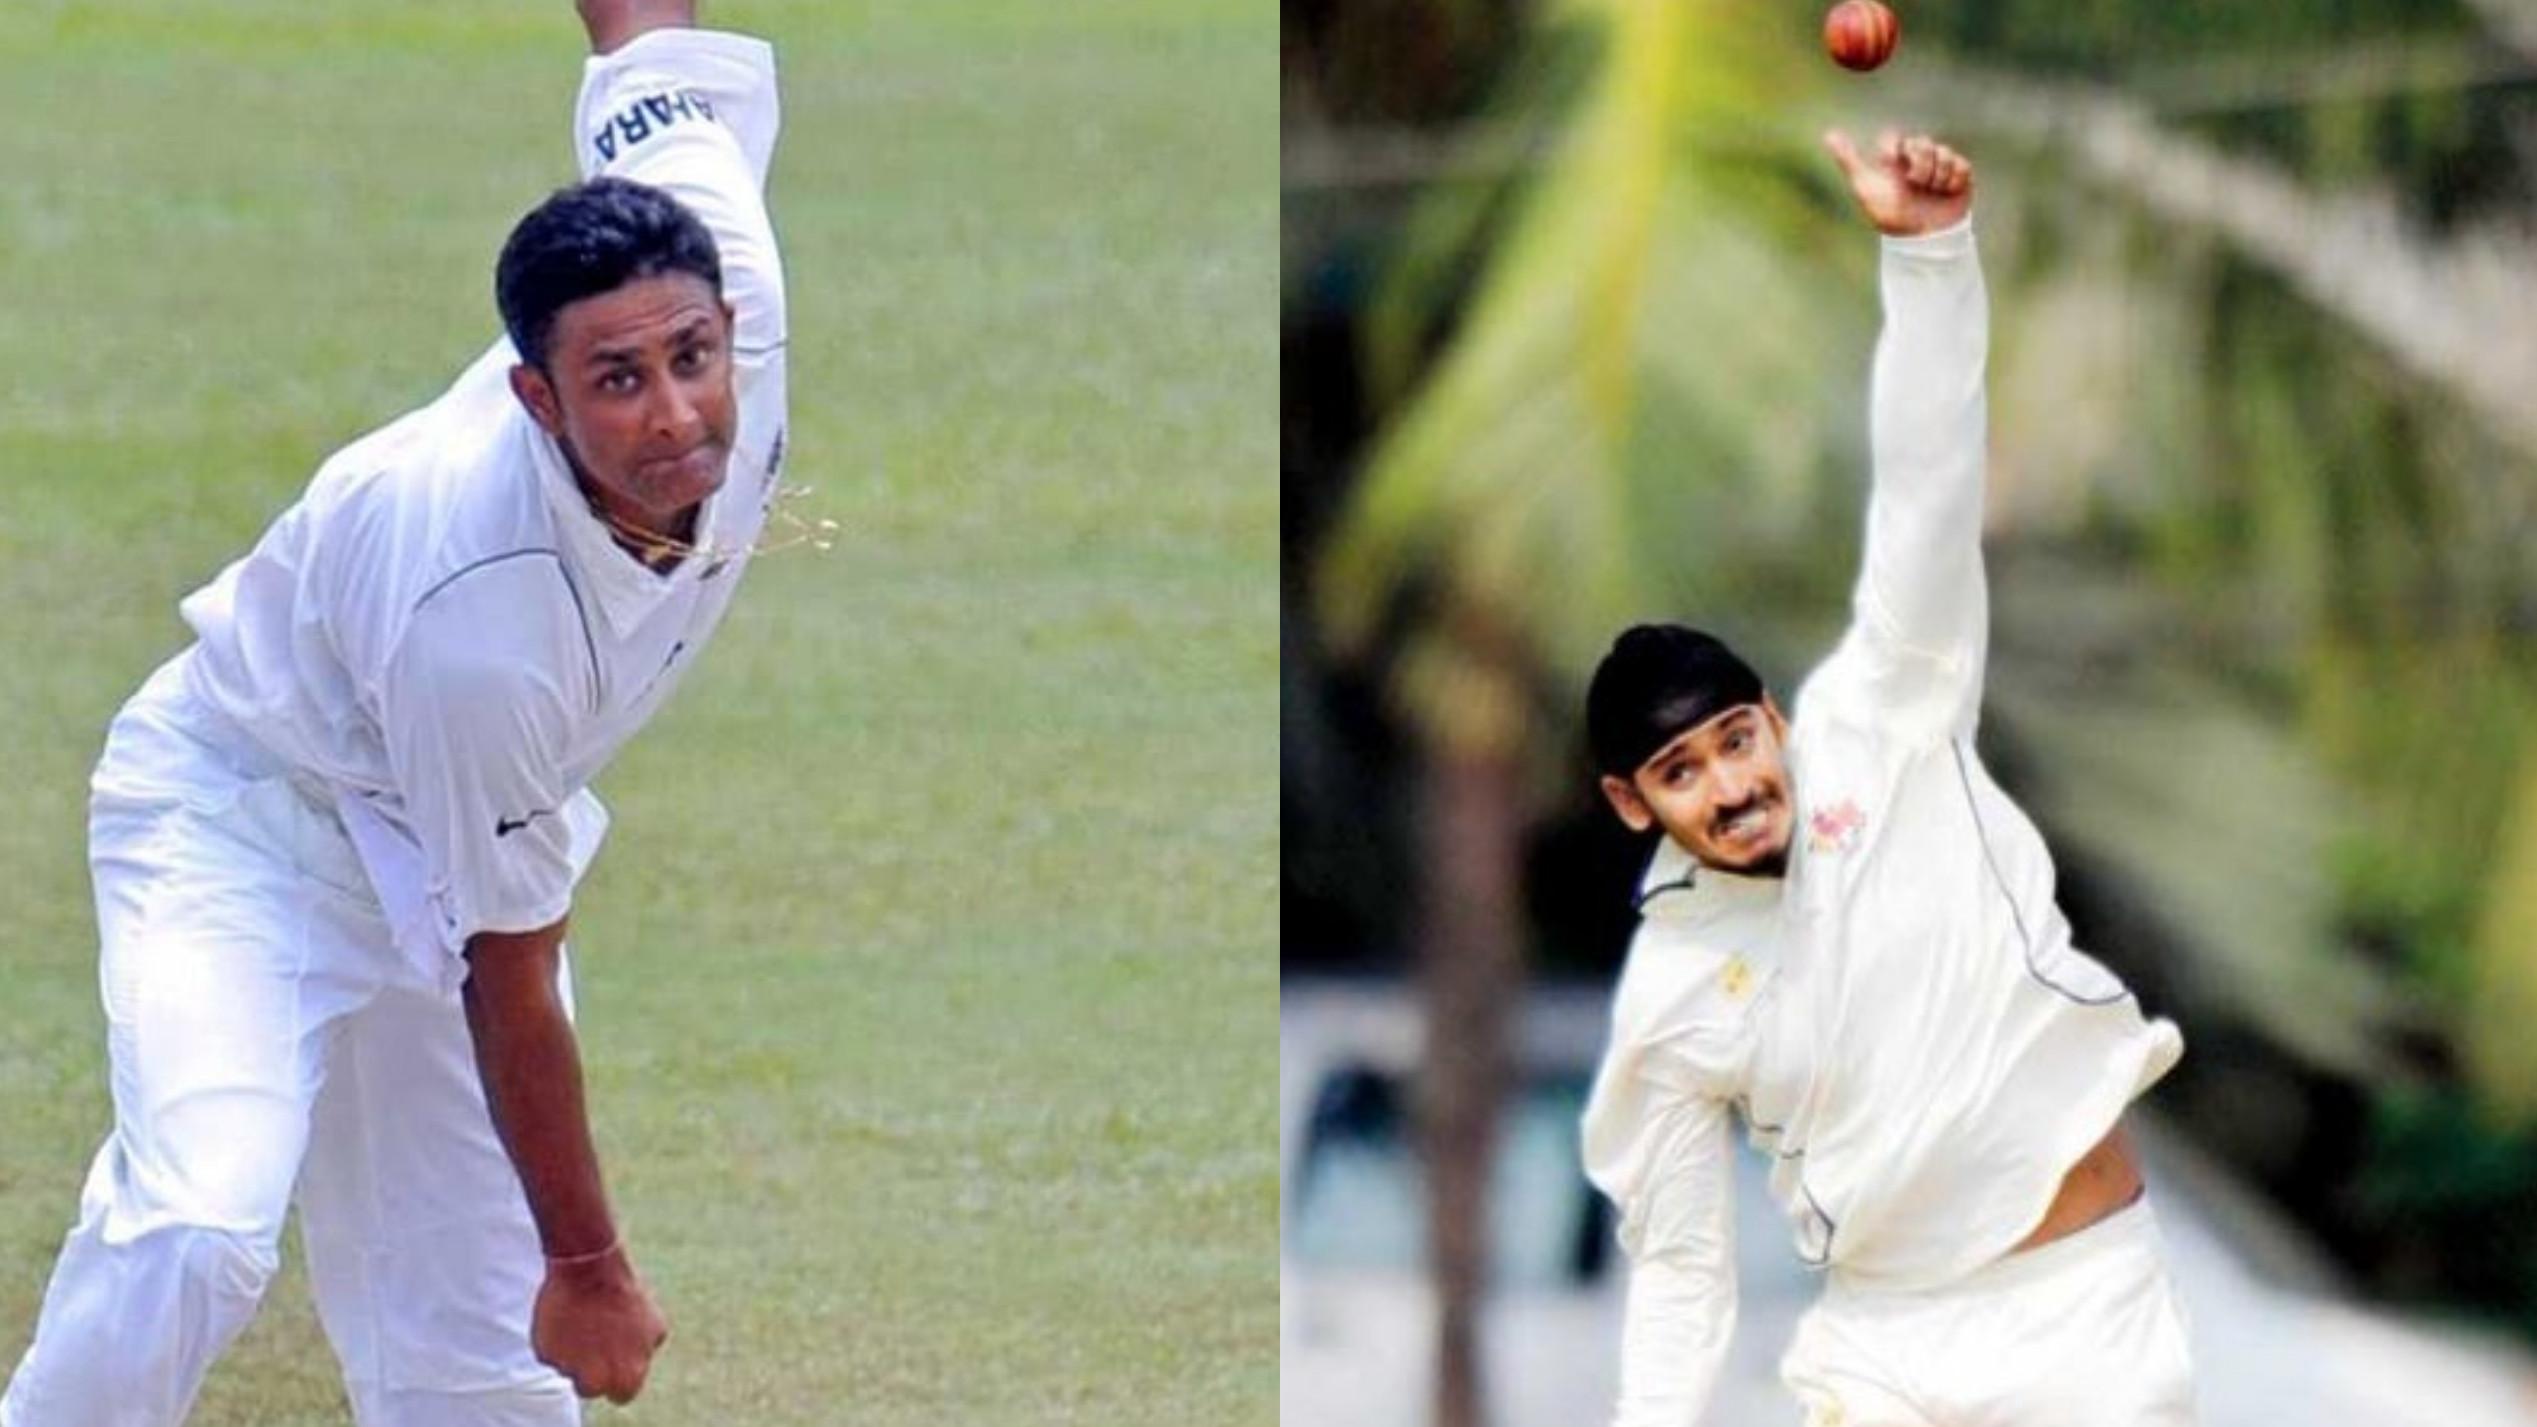 मुंबई के सिदक सिंह ने अनिल कुंबले की बराबरी करते हुए एक पारी में लिए 10 विकेट